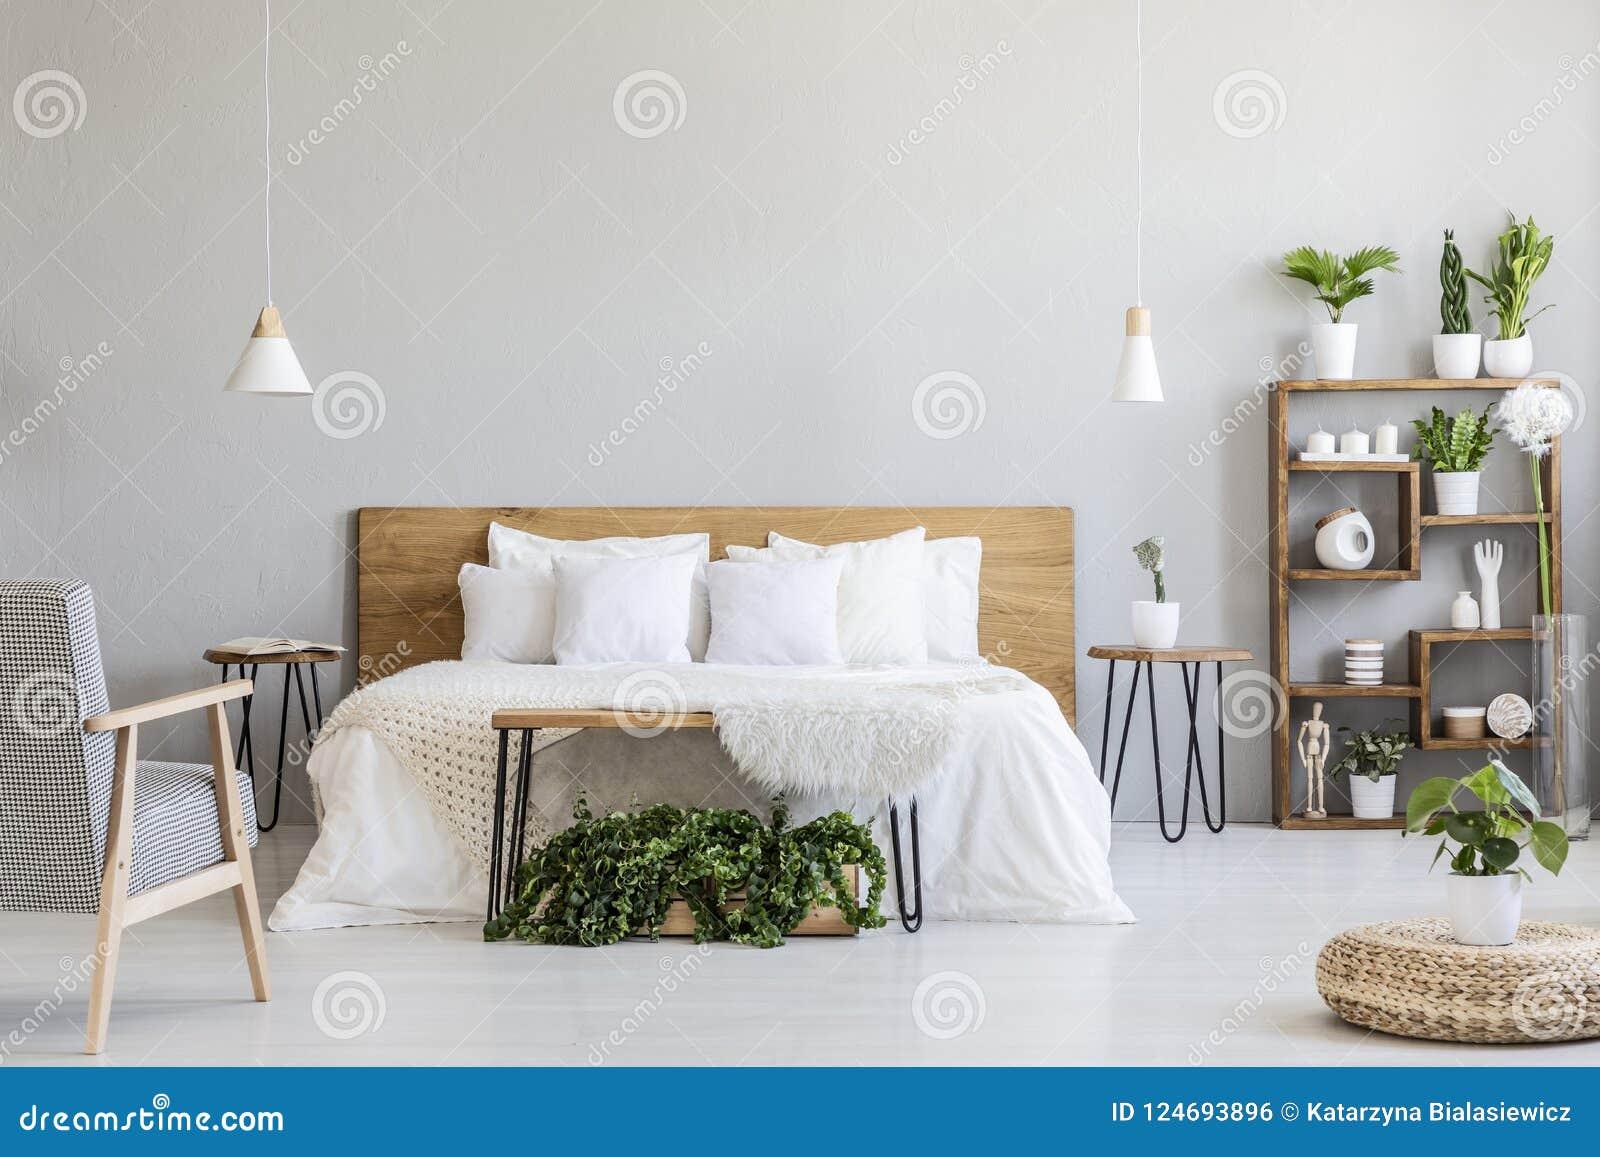 在白色木床附近的被仿造的扶手椅子在与蒲团和植物的灰色卧室内部 实际照片